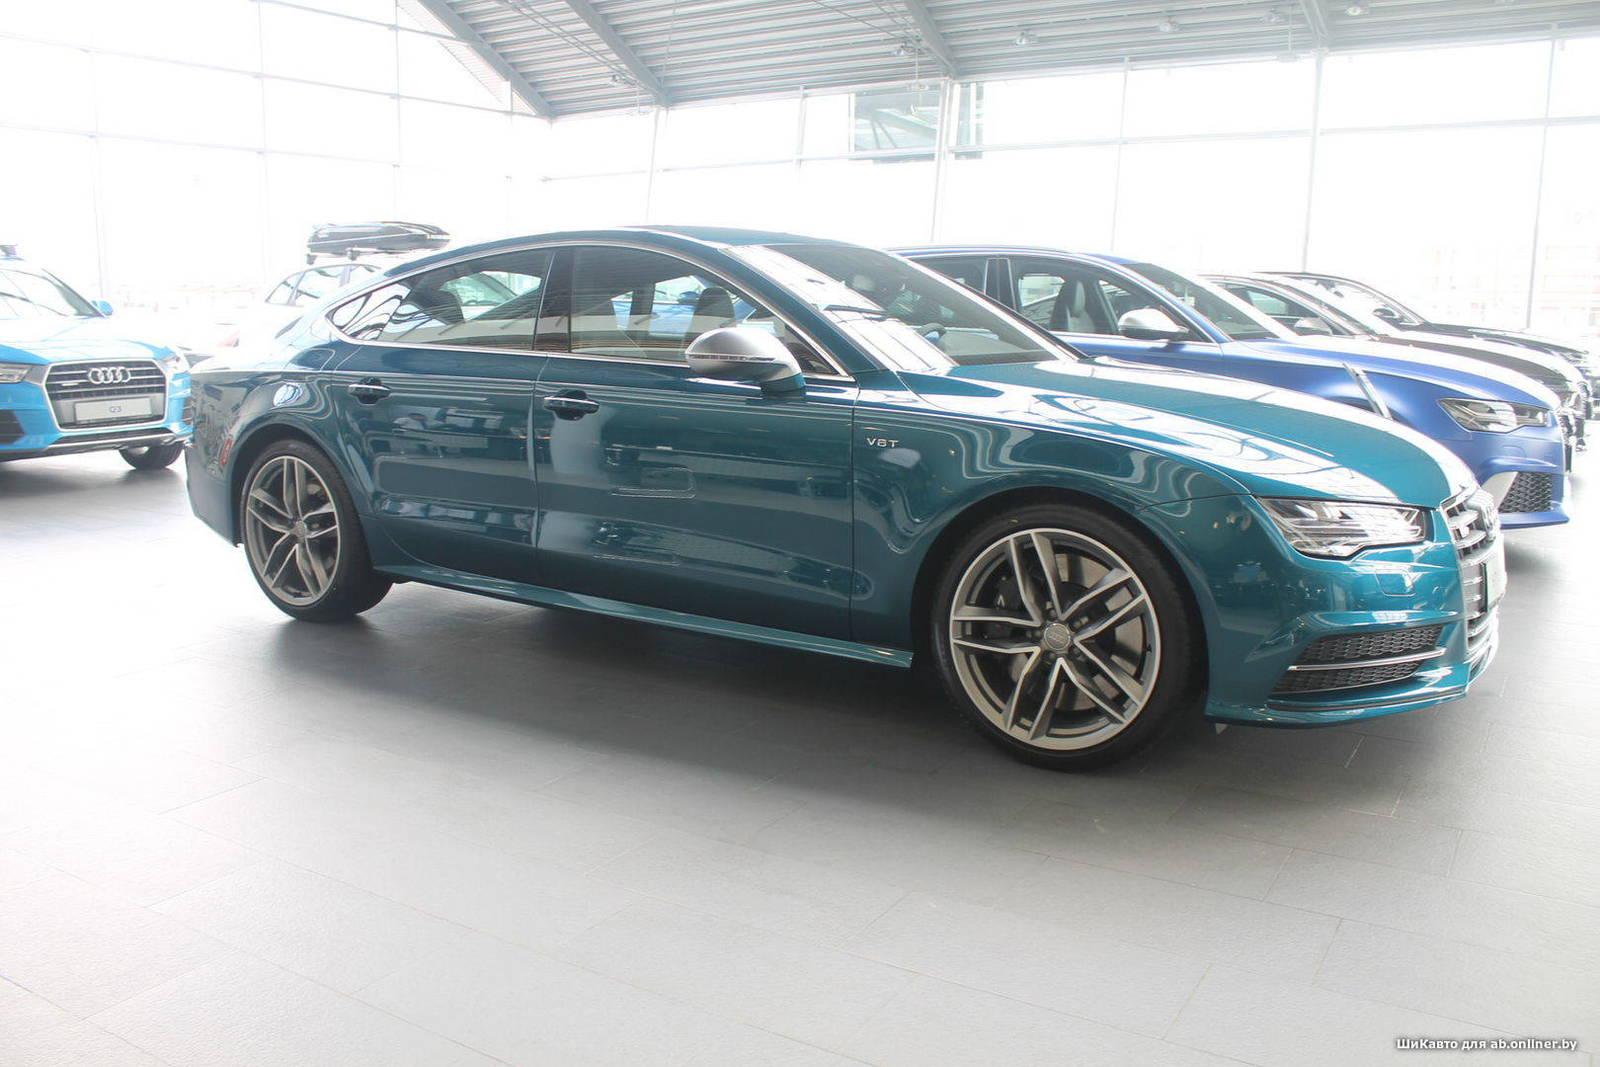 Audi A7 S7 4.0 quattro